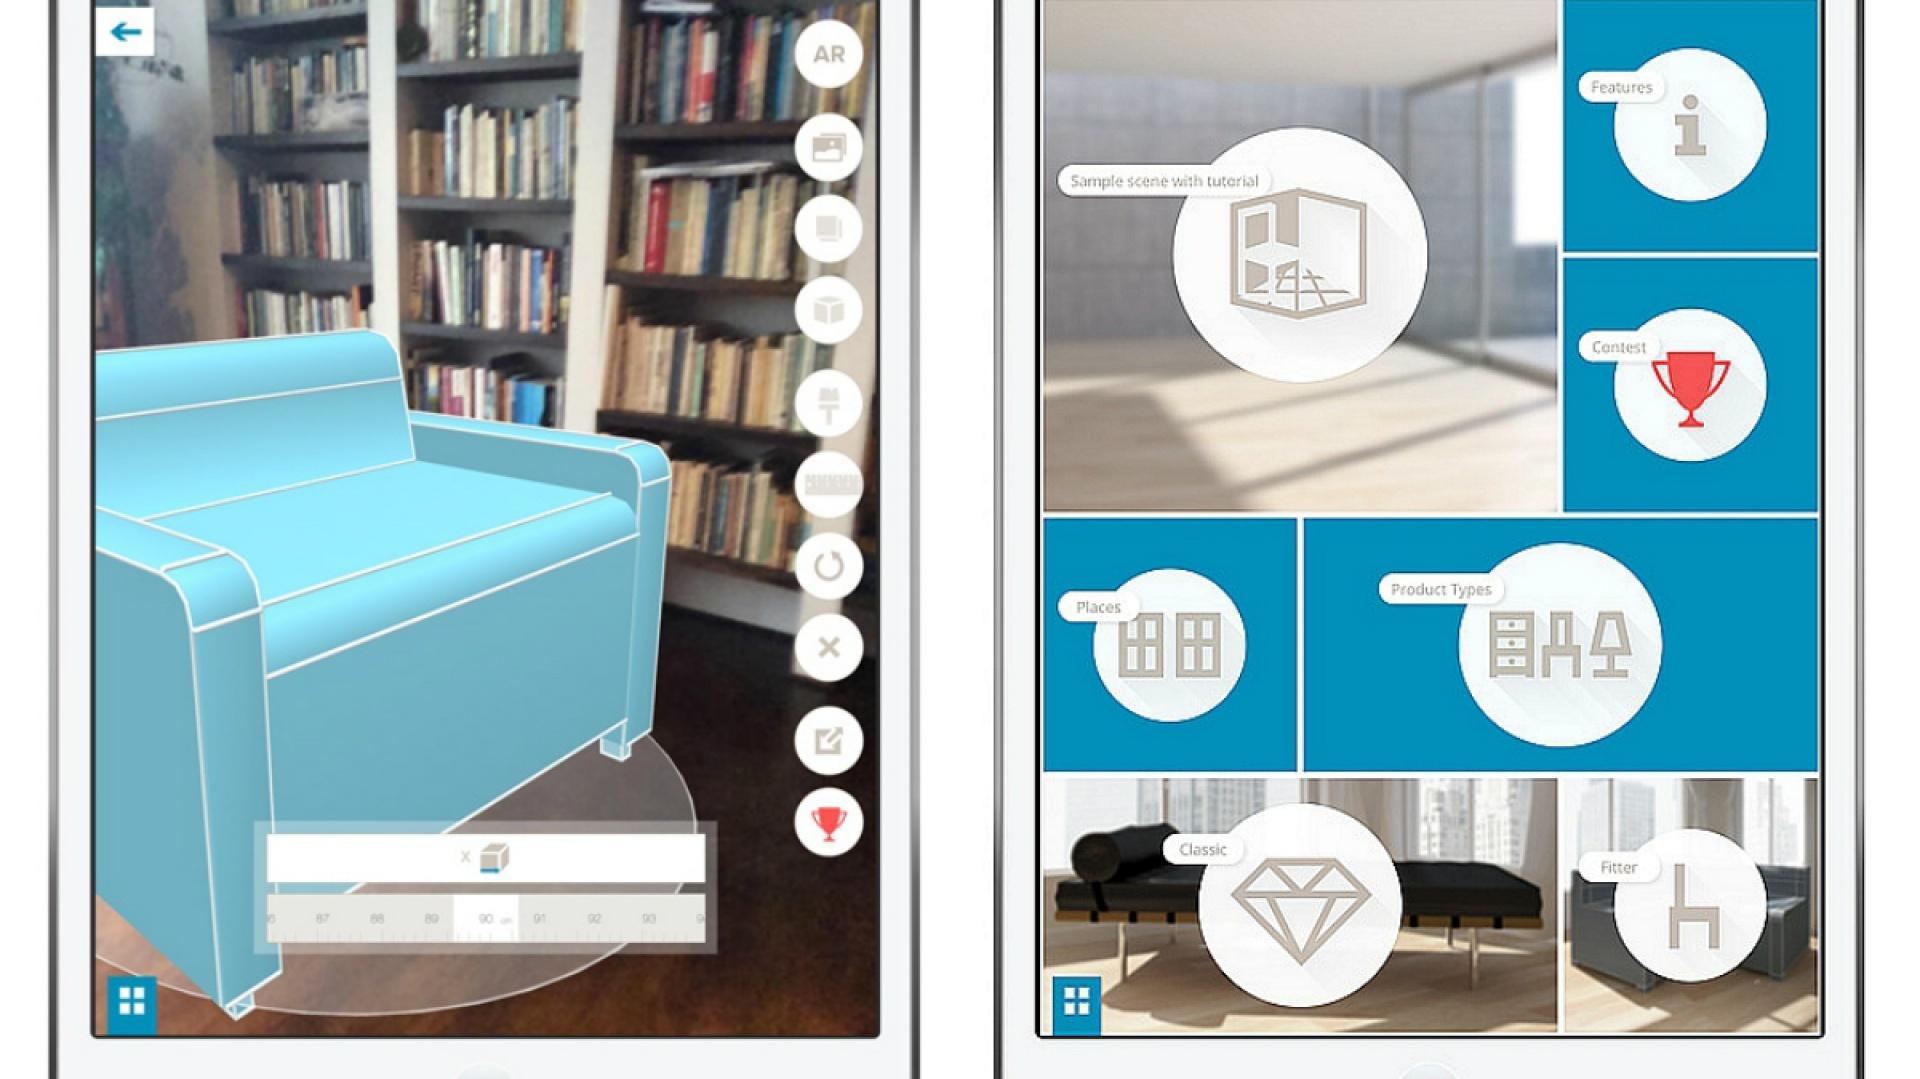 aplikacja aranżacji wnętrz Intiaro Fot. Agitive.jpg